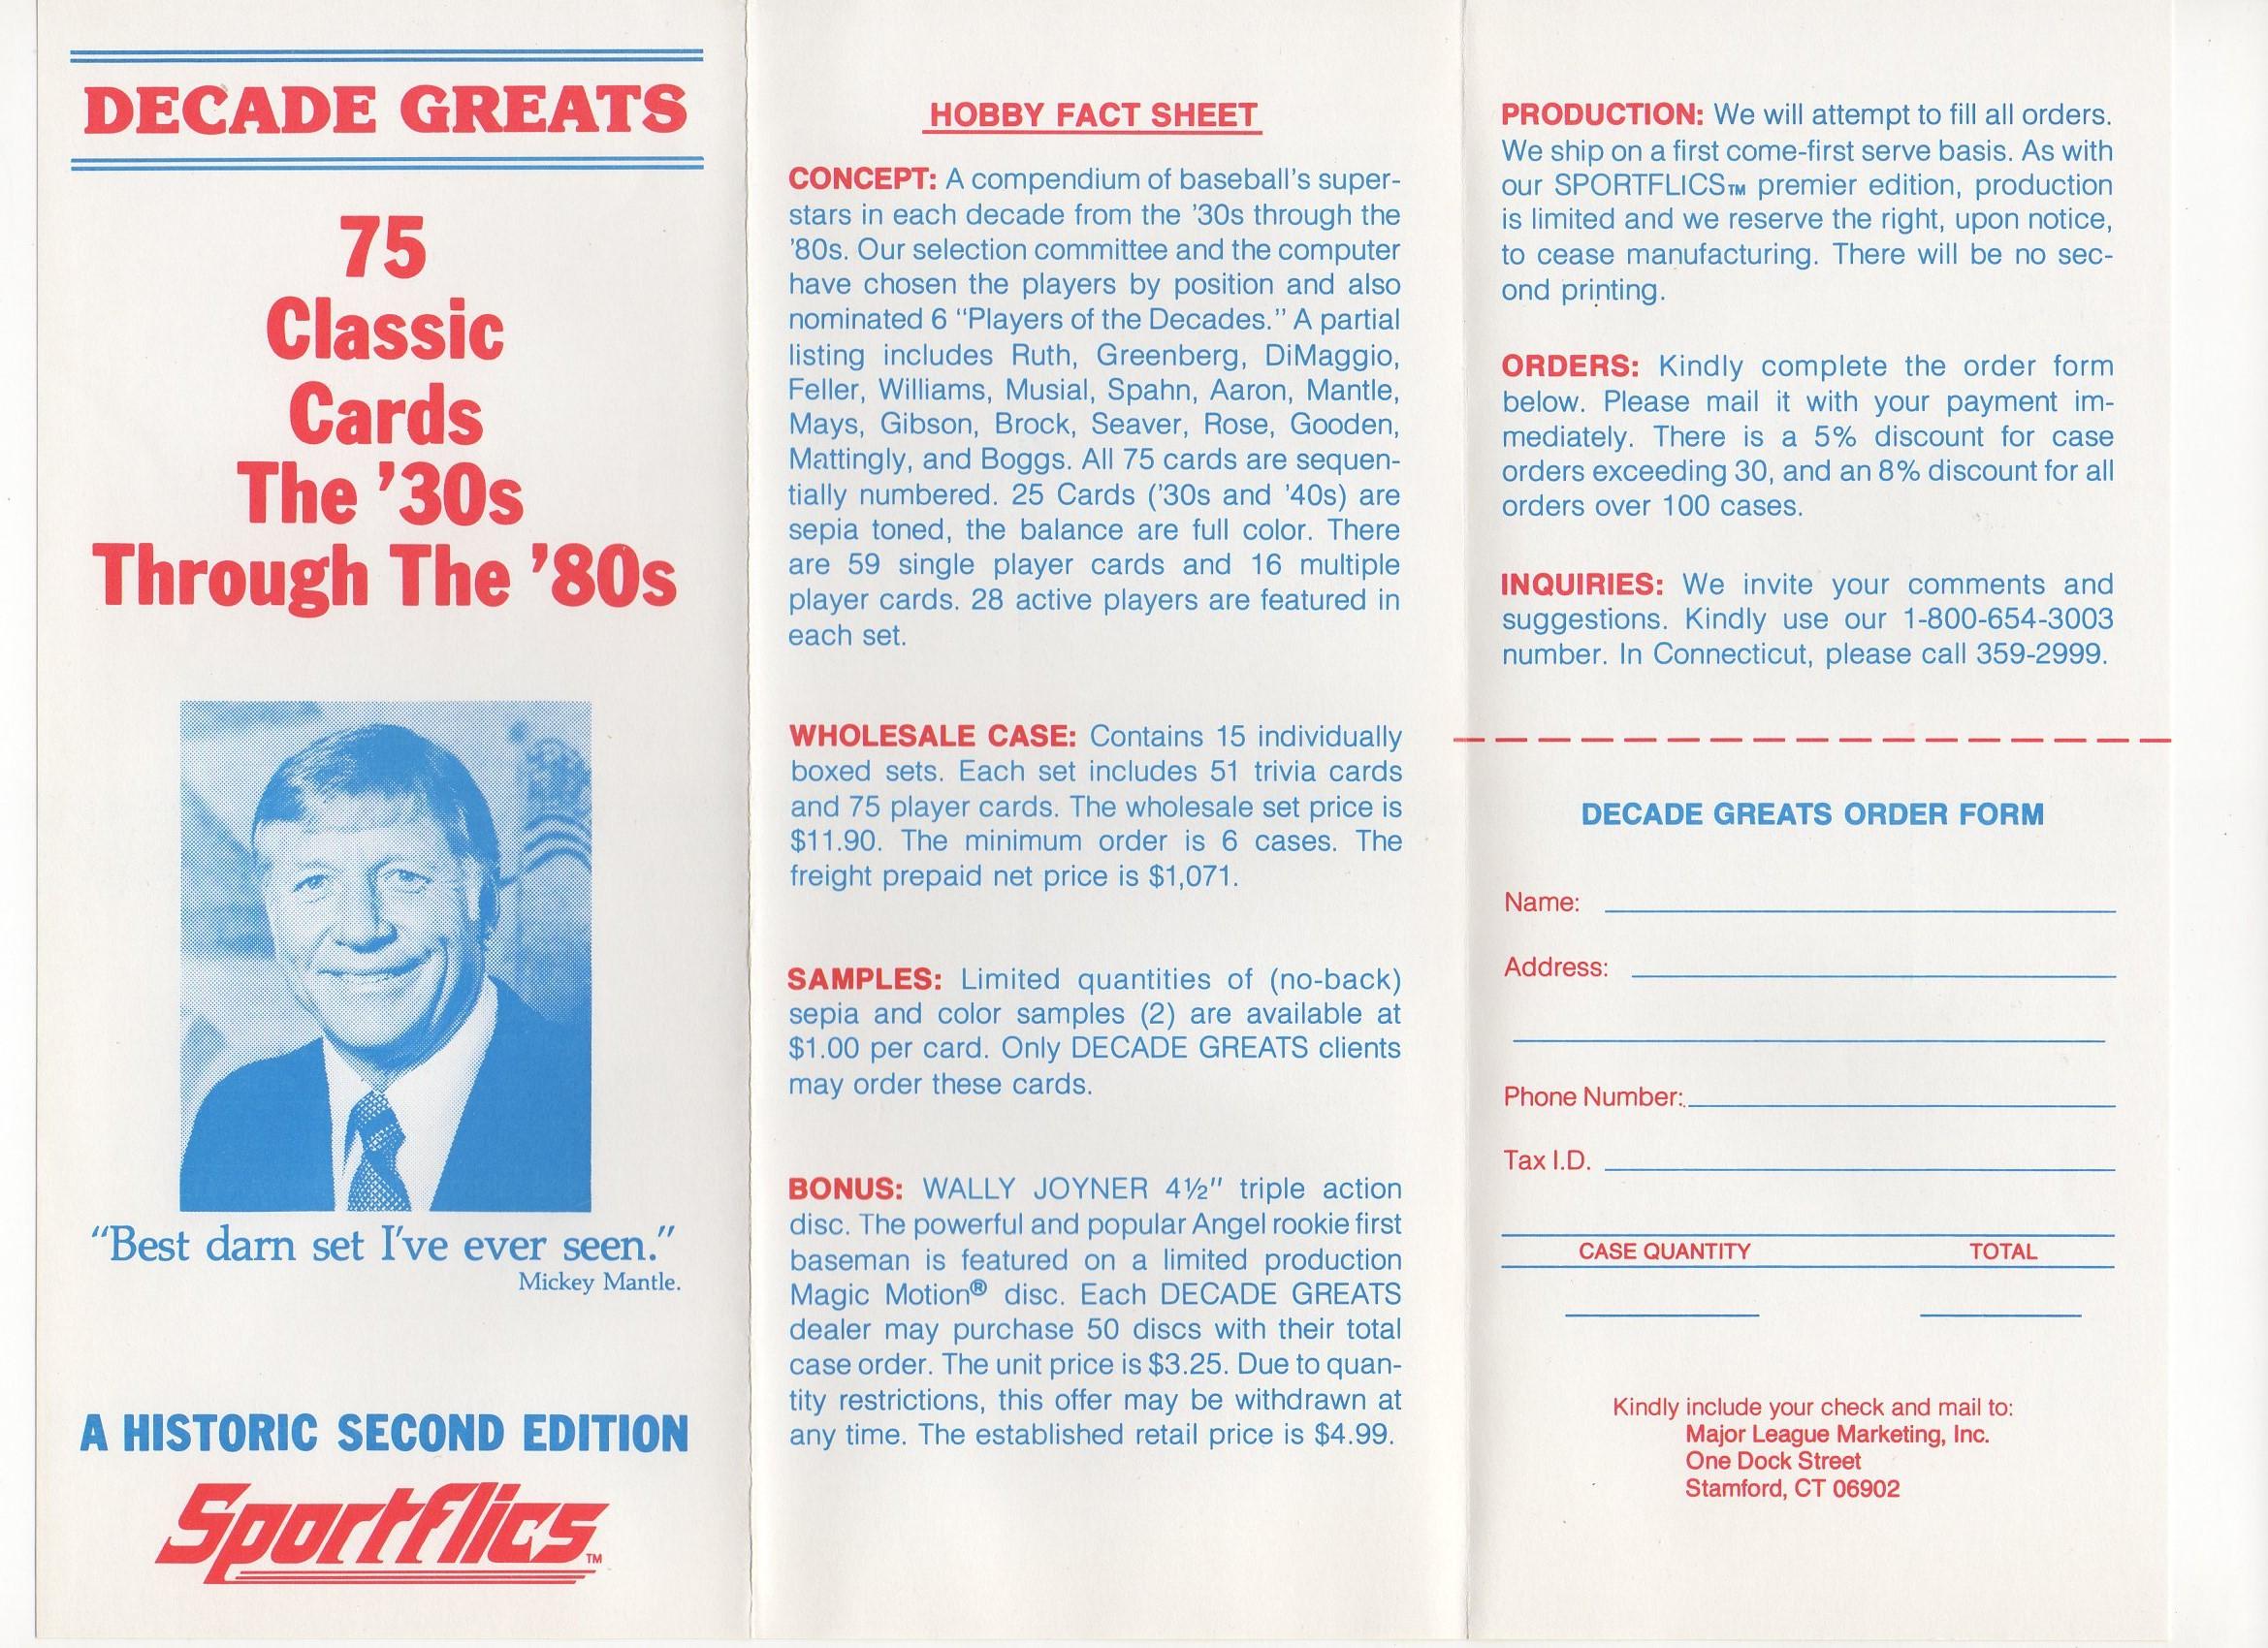 1986 sportflics, onesided letter insert